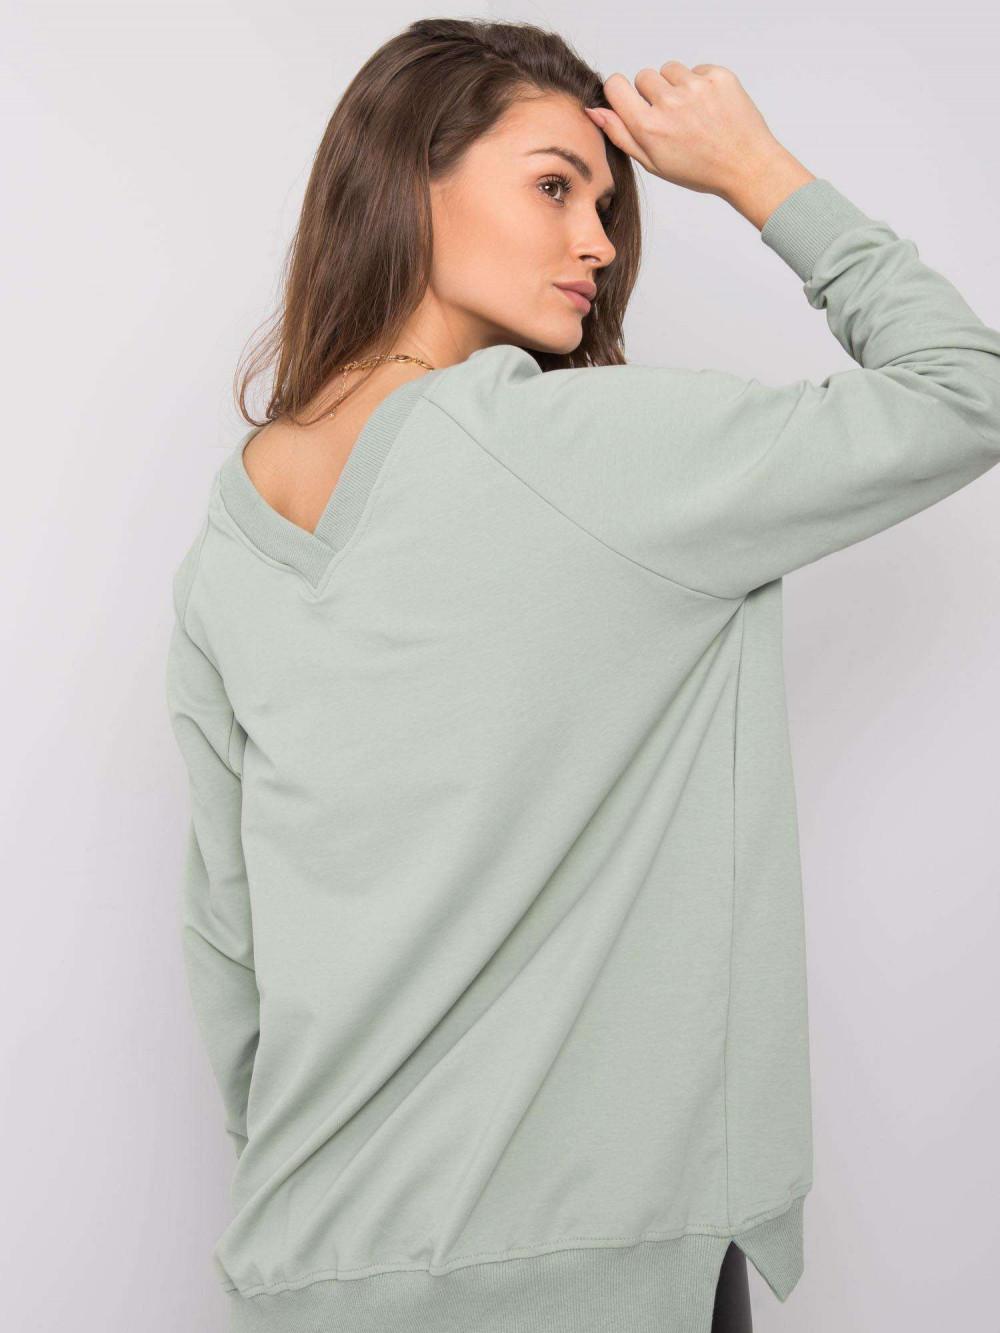 Pistacjowa bluza z wycięciem V na plecach Serafia 5